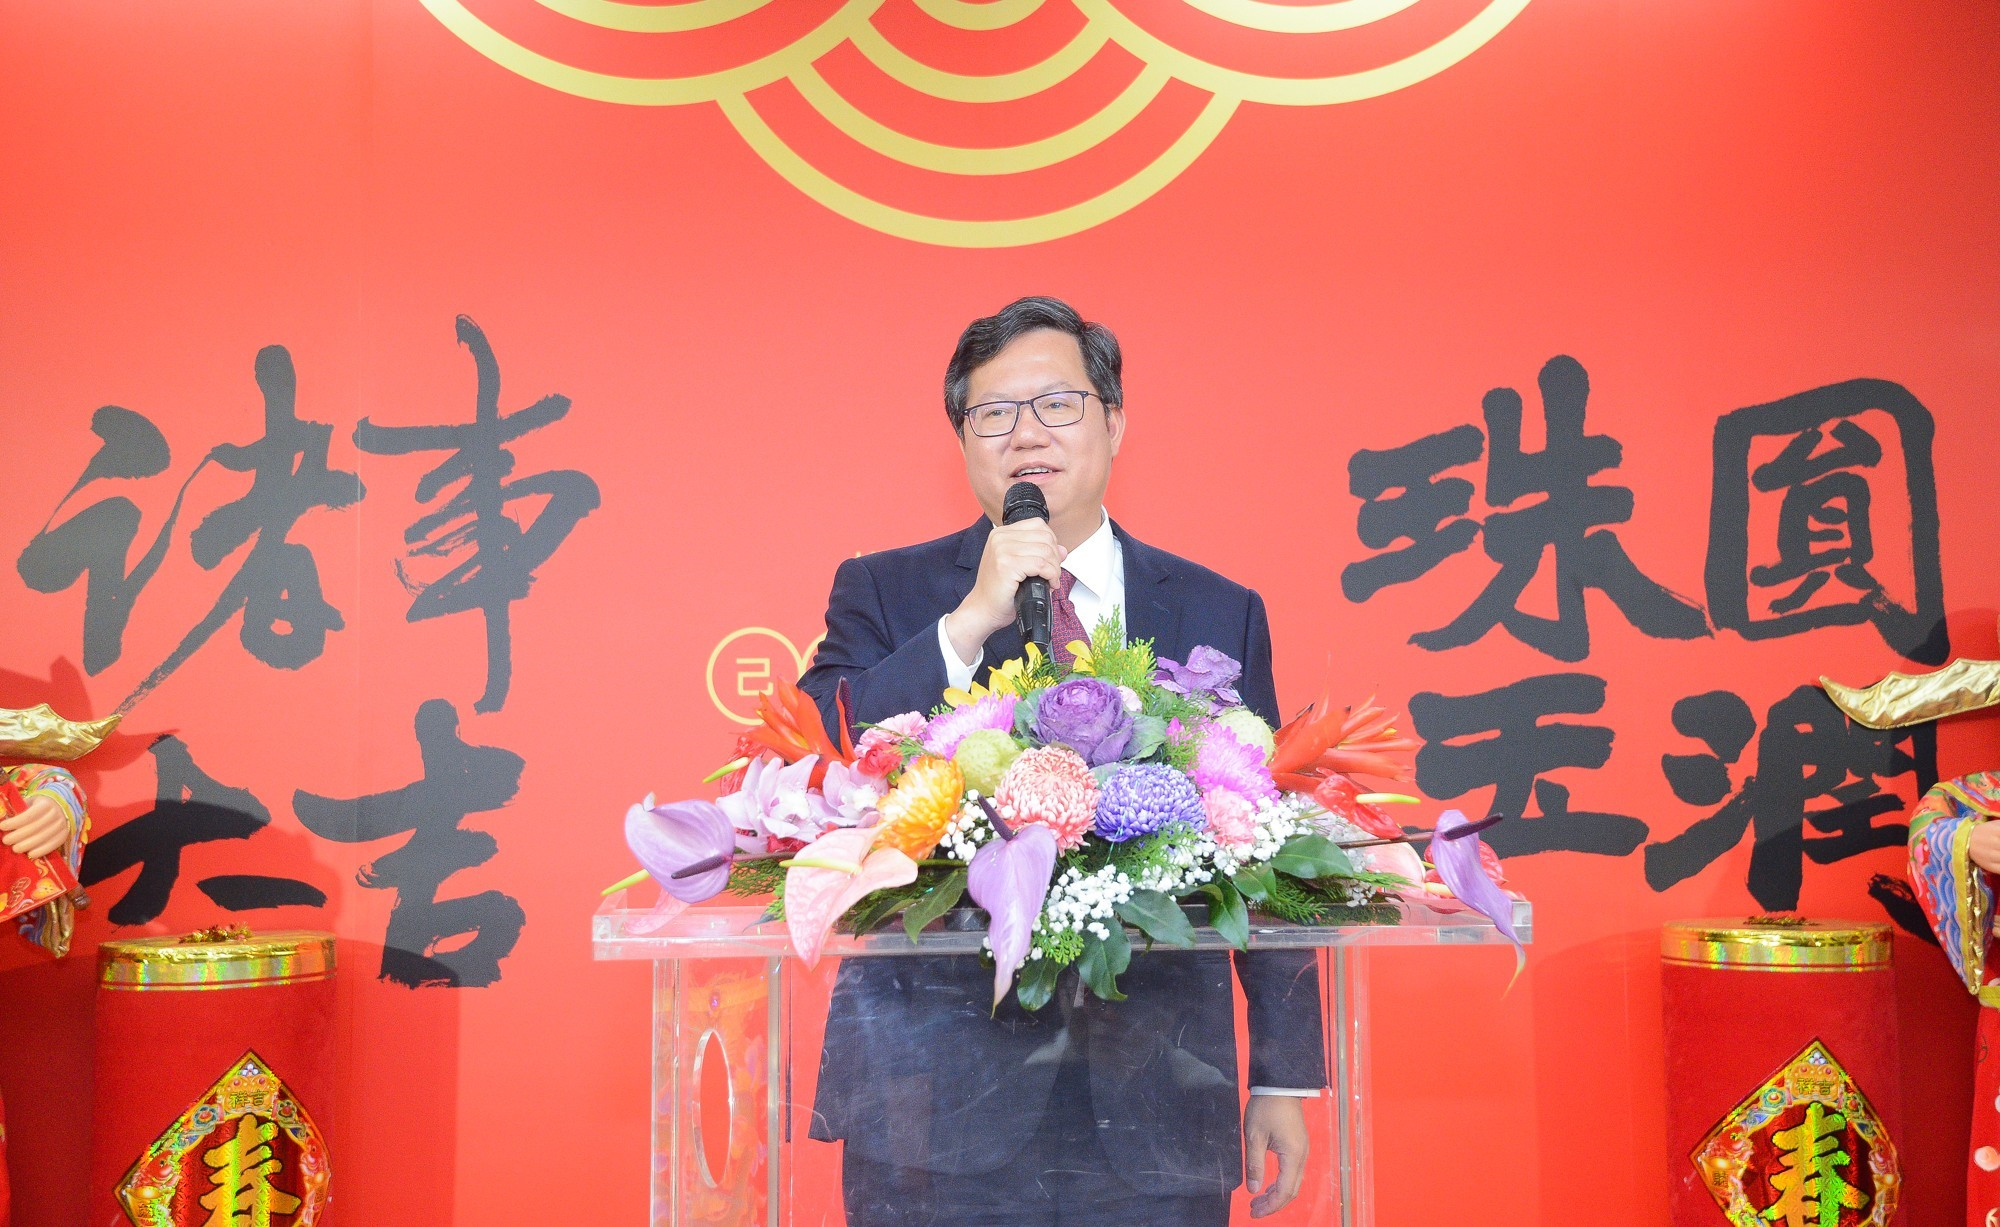 市長宣布明日舉辦北桃合作平台首場雙首長論壇